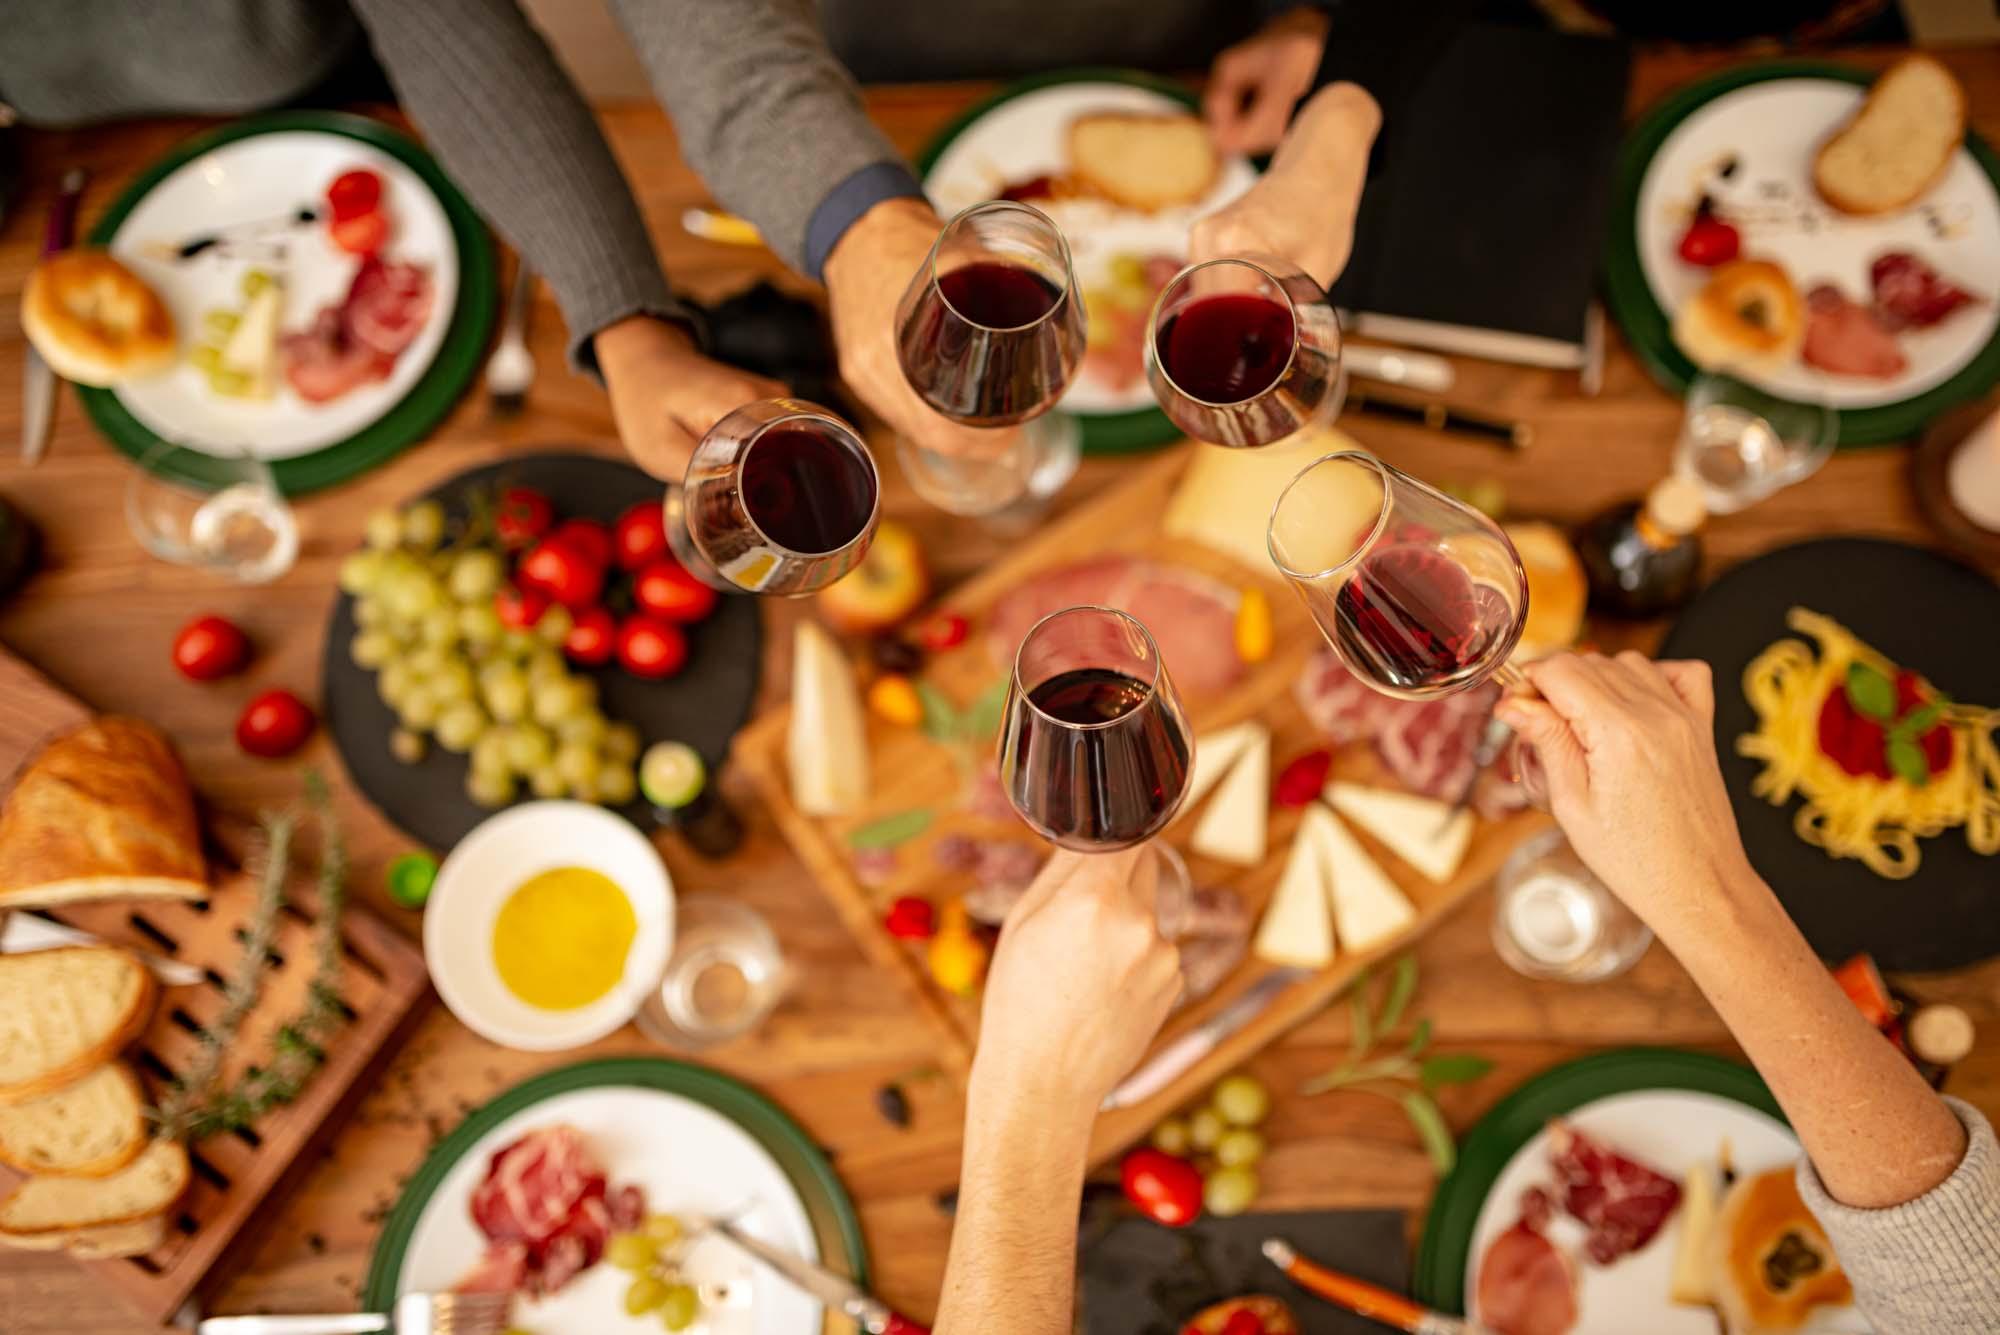 Degustazioni Enogastronomiche Eventi Aziendali a Salerno